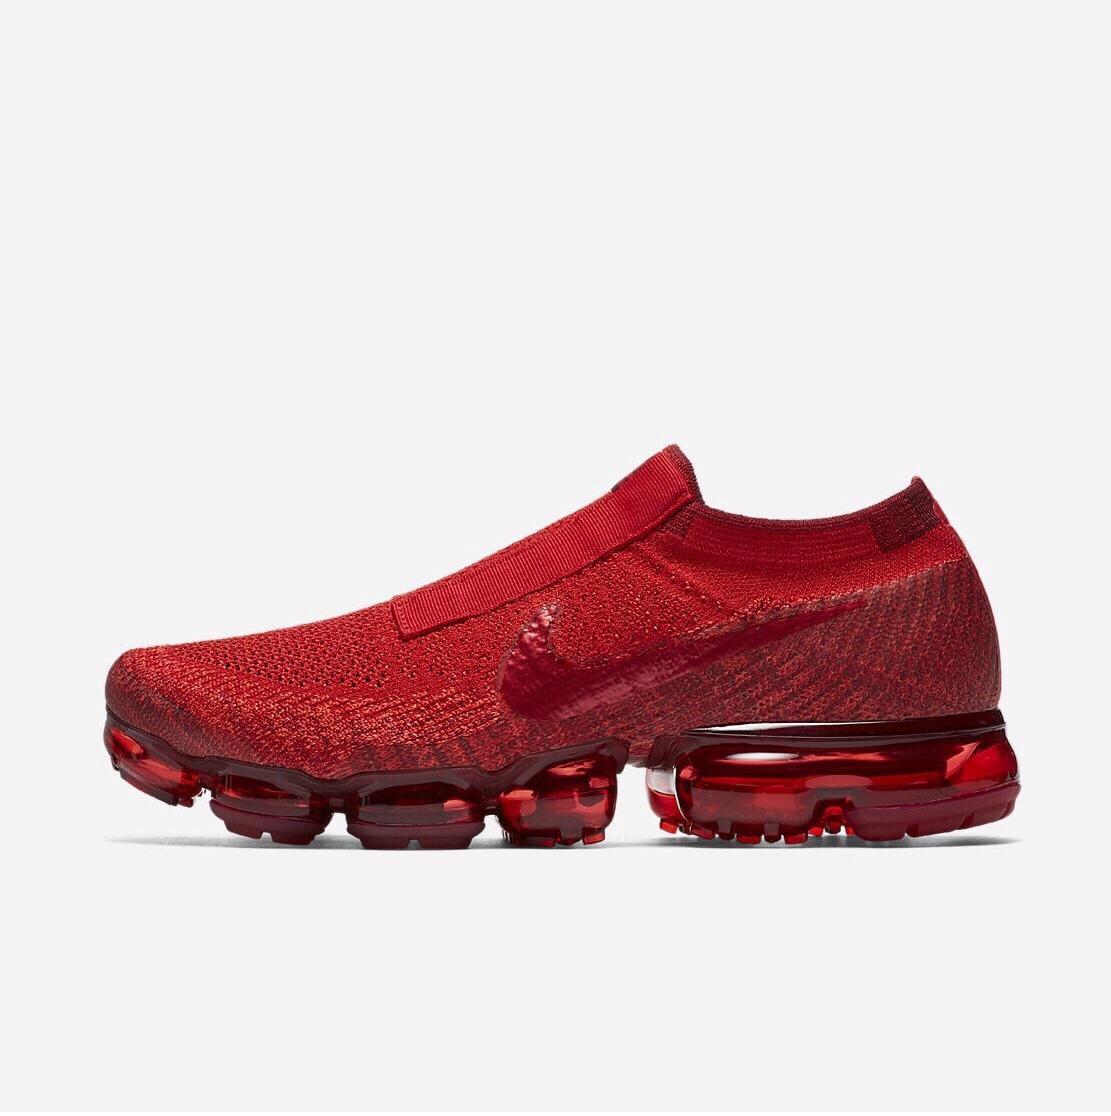 Nike Air Vapormax SE Laceless